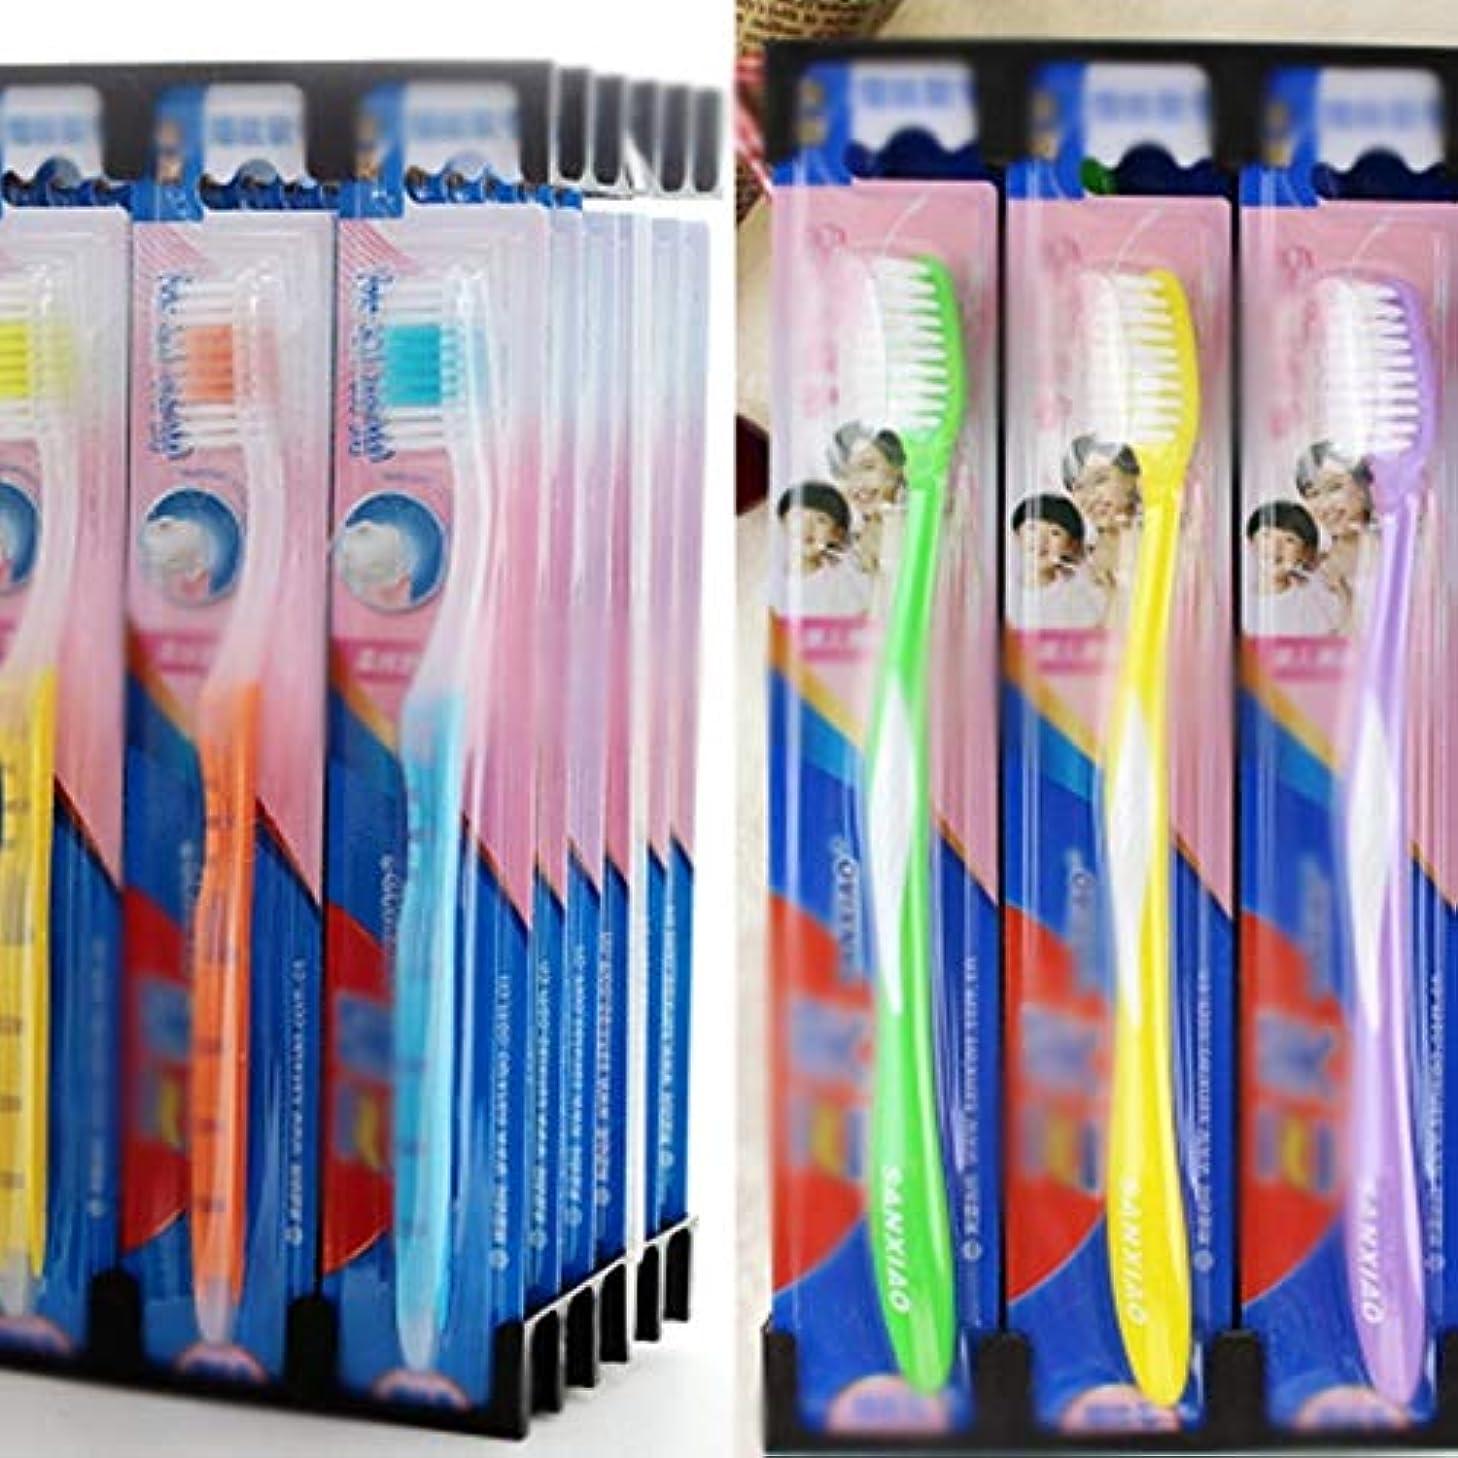 特に主流警告歯ブラシ 30パック歯ブラシ、混血歯ブラシ、ファミリーパック歯ブラシ - 使用可能なスタイルの3種類 KHL (色 : B, サイズ : 30 packs)